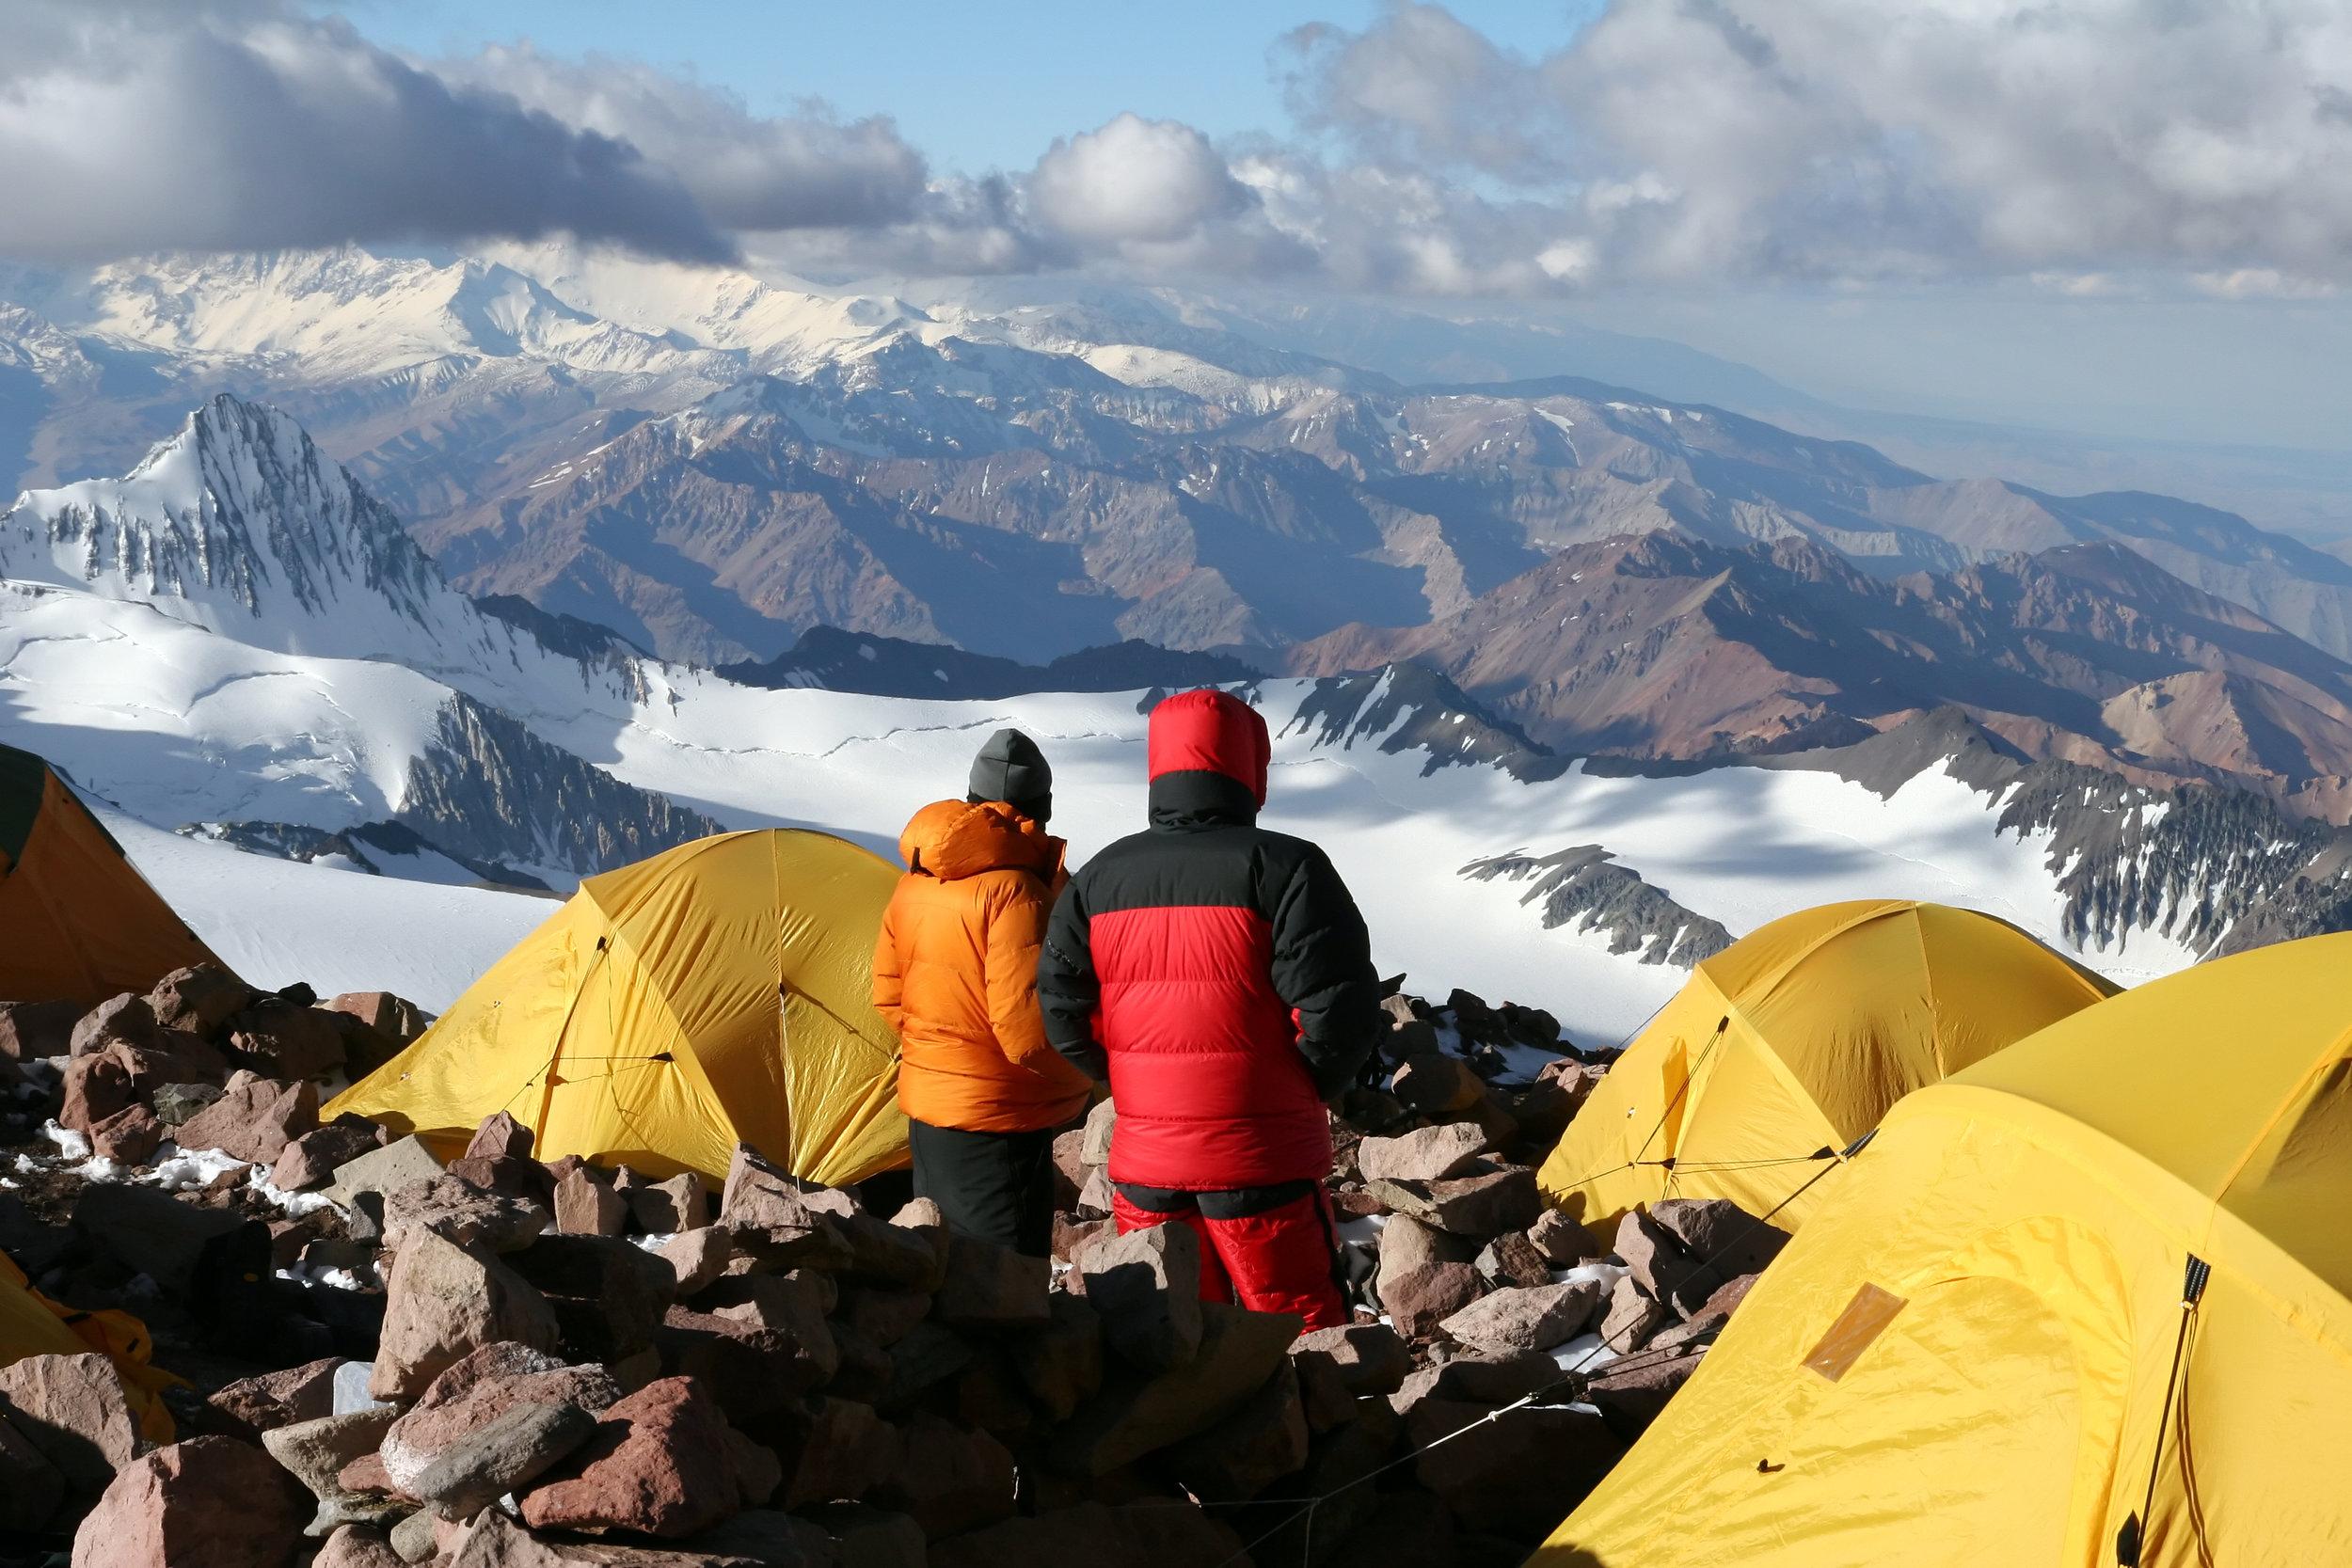 bli på vandring til toppen av Aconcagua i Argentina72.jpg